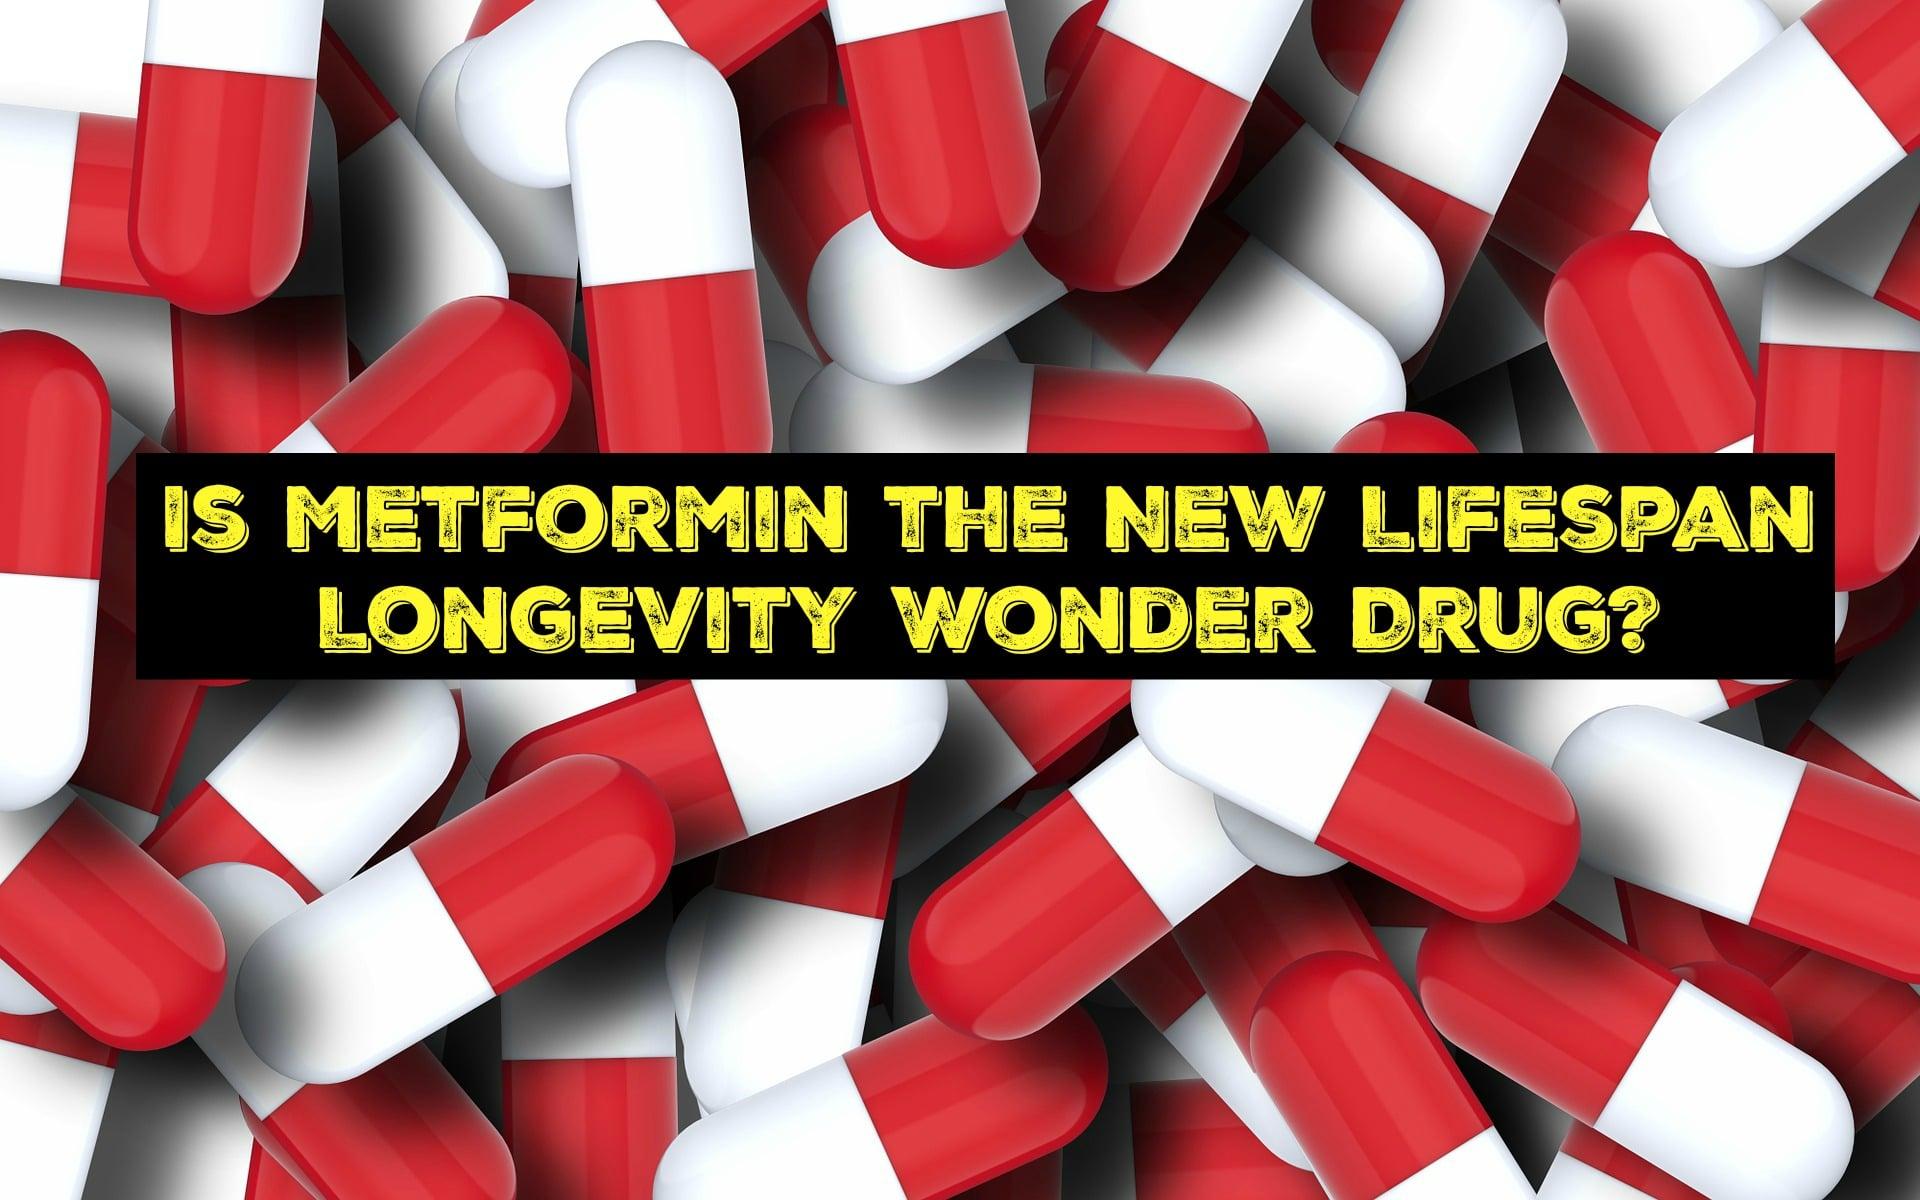 Is Metformin the New Lifespan Longevity Wonder Drug?